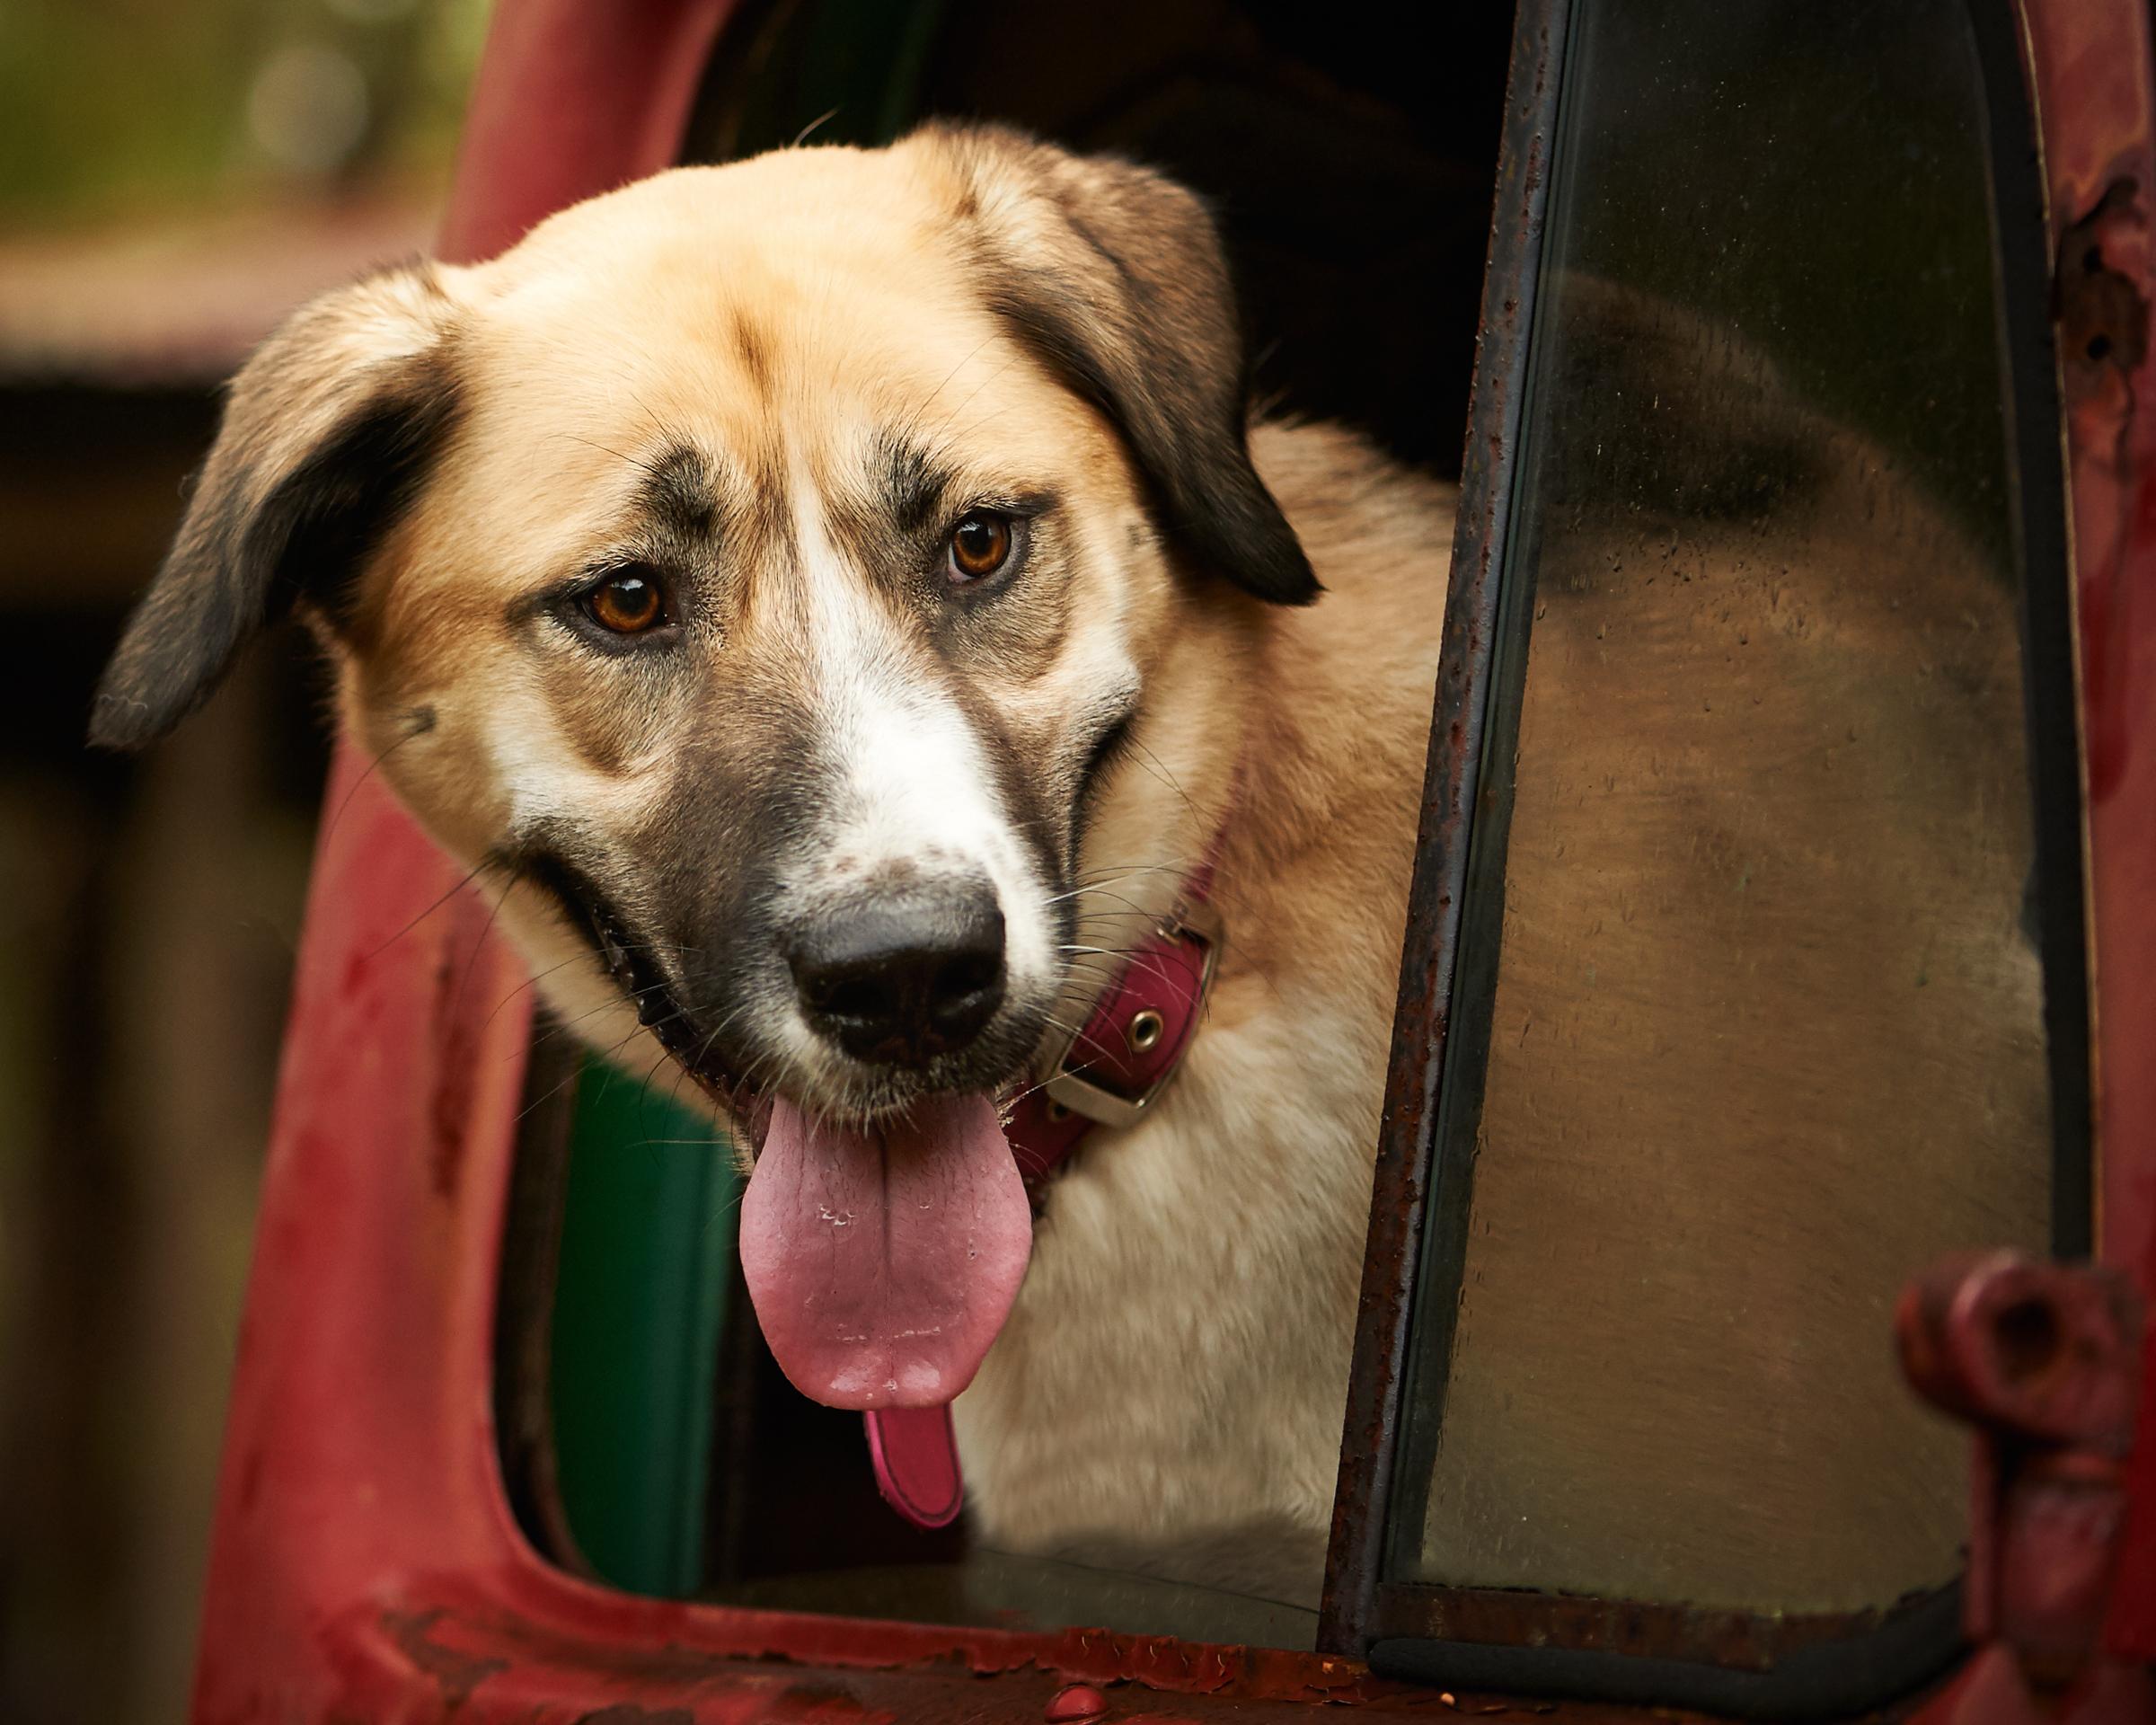 retriever_pet_dog_four_paws_portrait